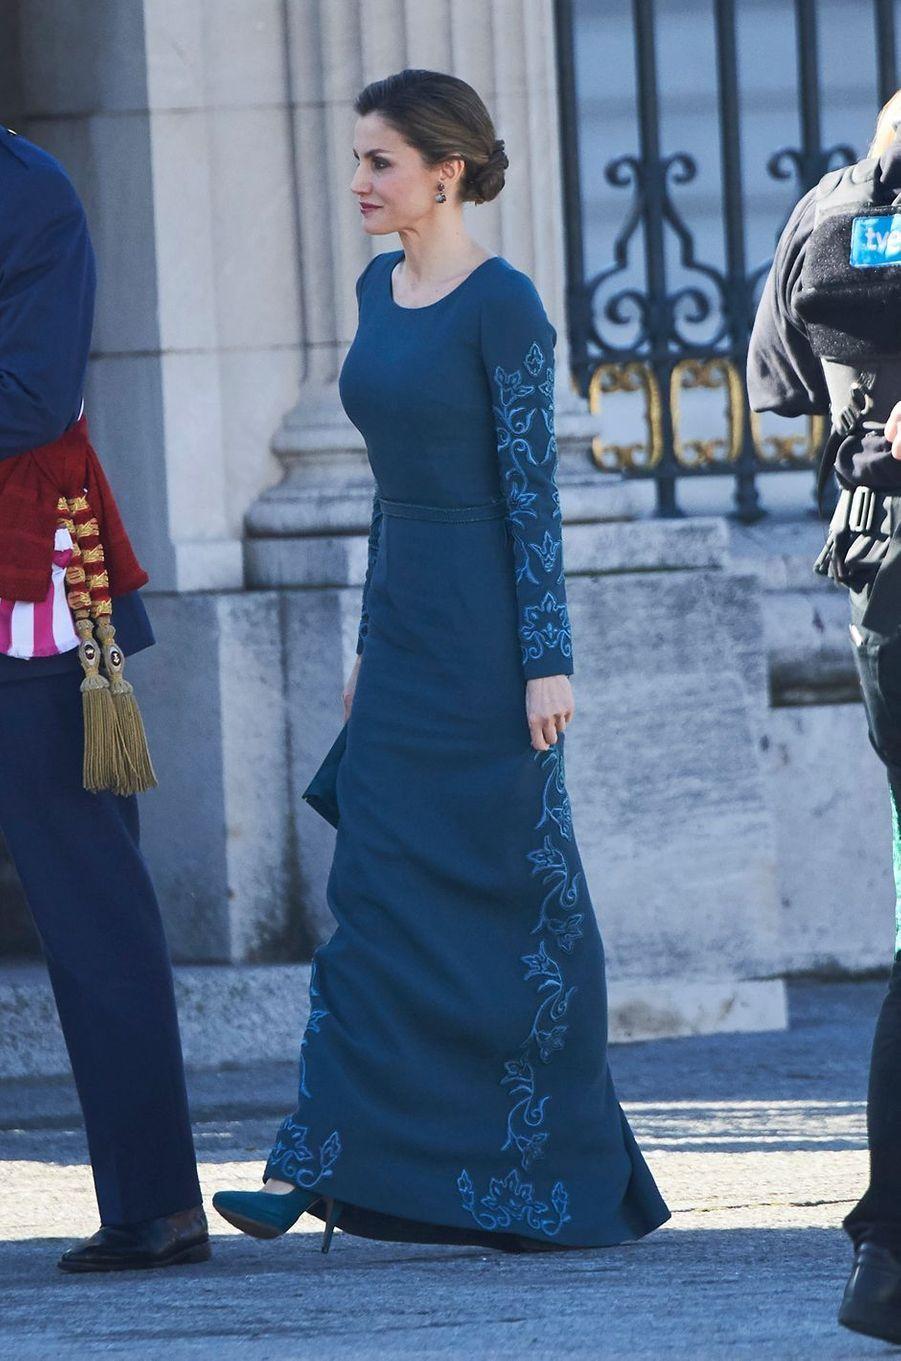 La reine Letizia d'Espagne à Madrid, le 6 janvier 2017